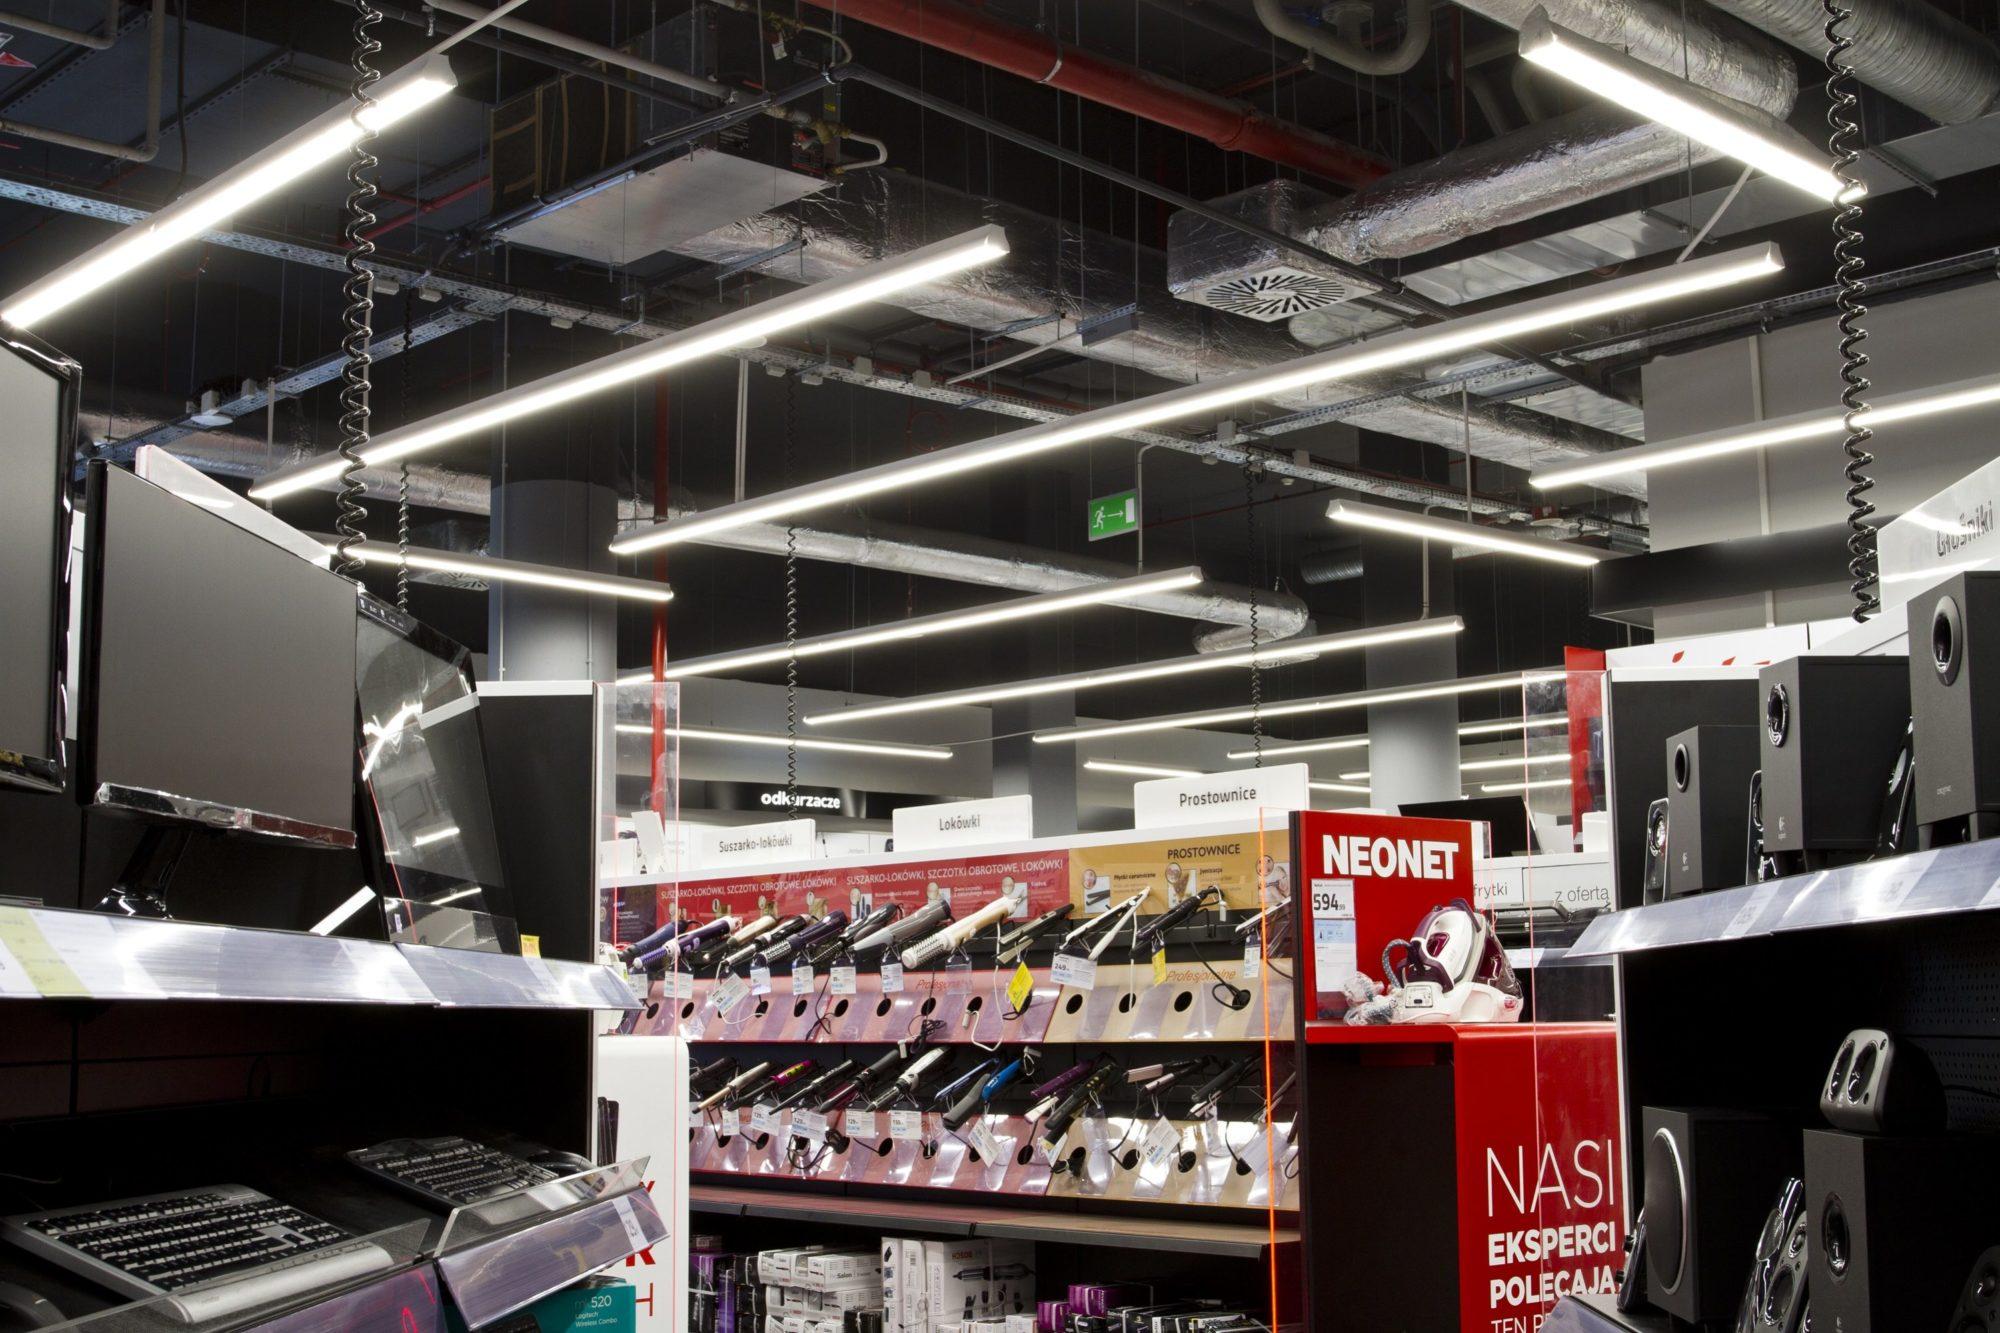 Beleuchtung von Ladenregalen